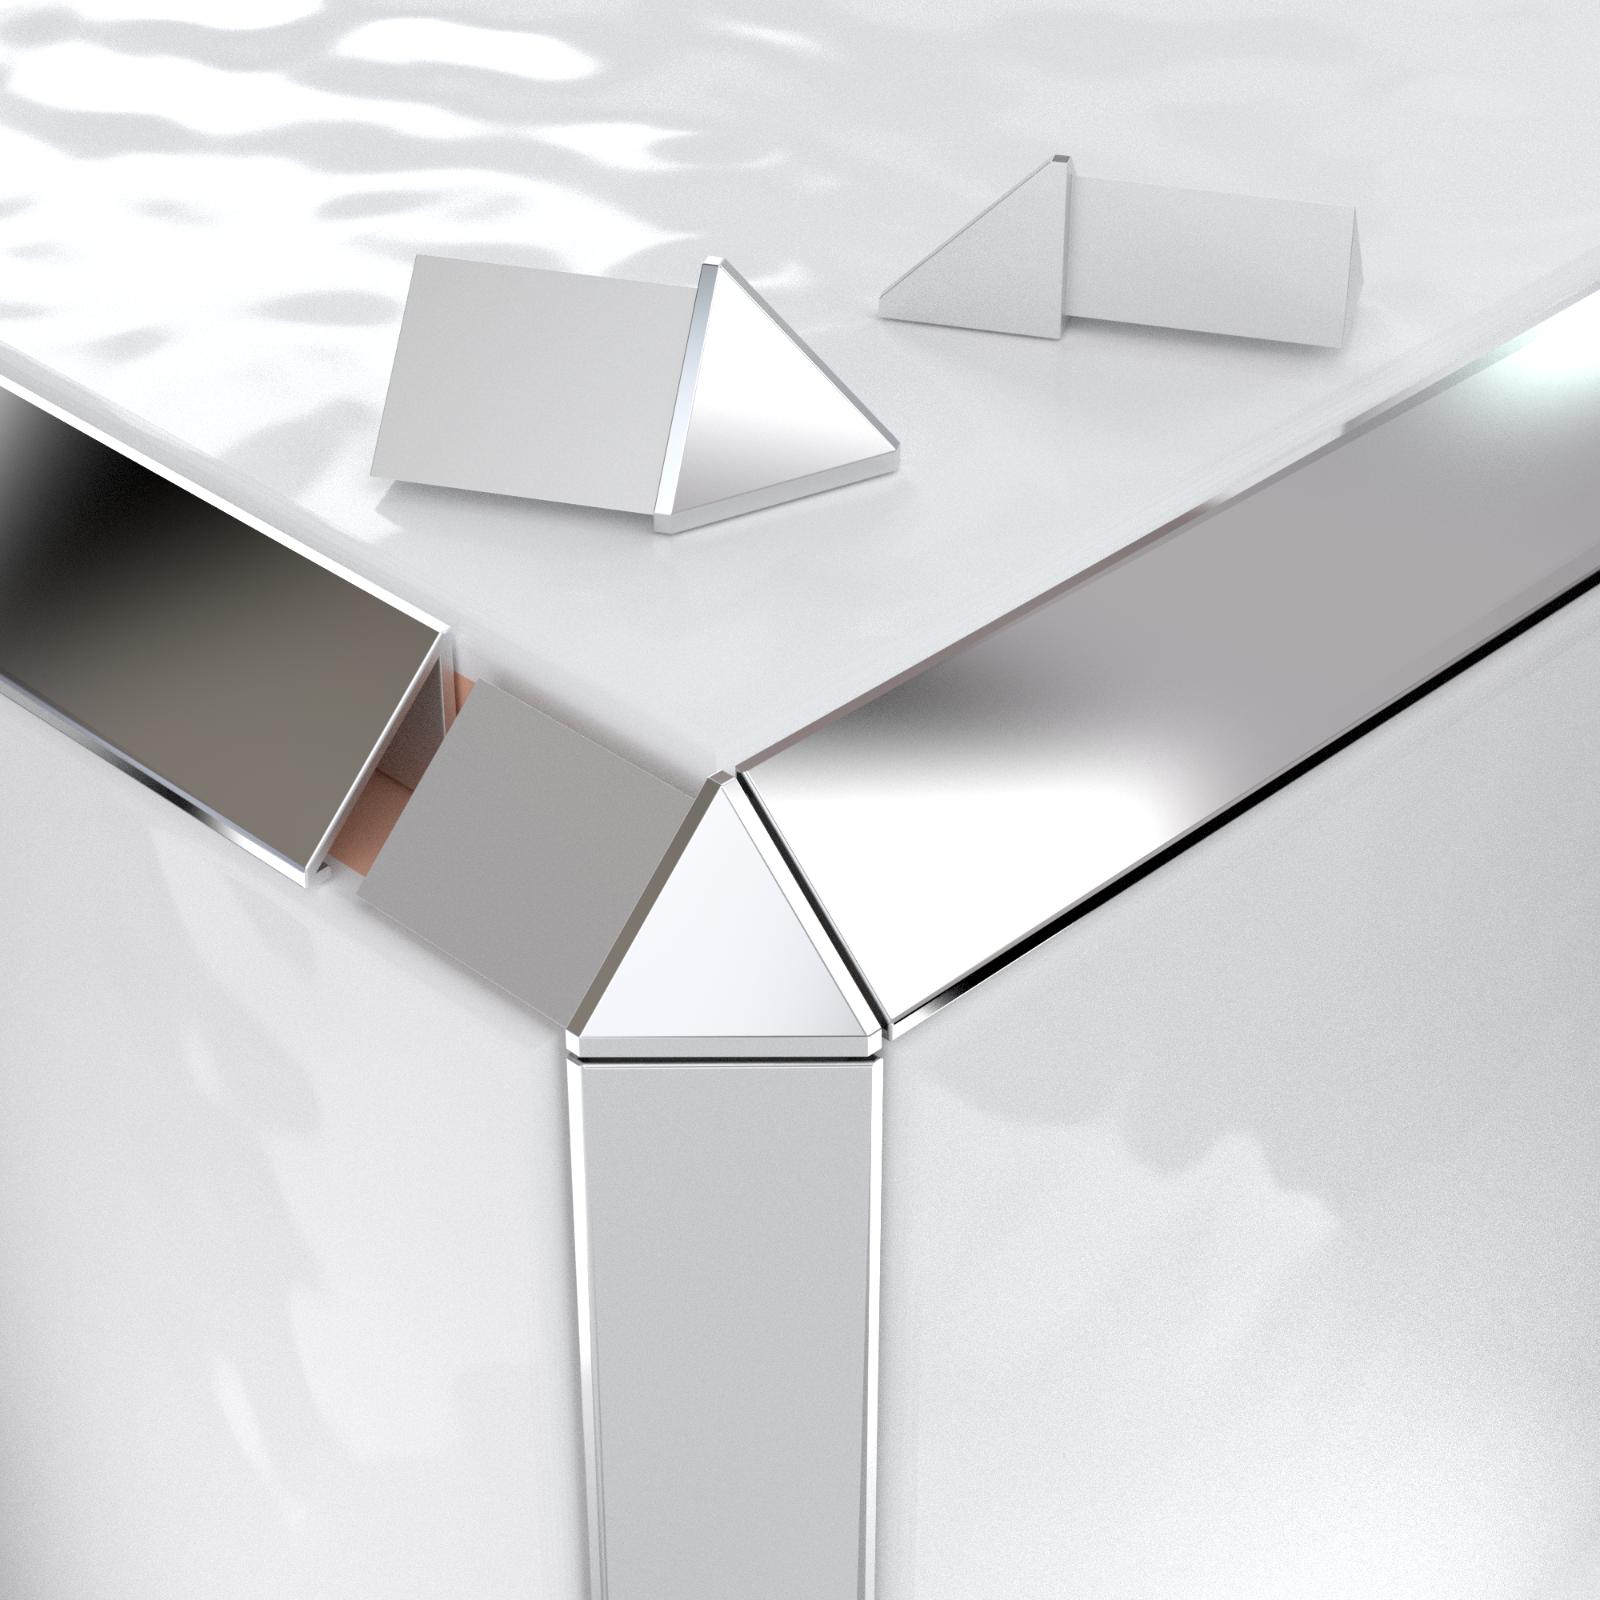 Tile Trim Internal Corners | Tile Design Ideas